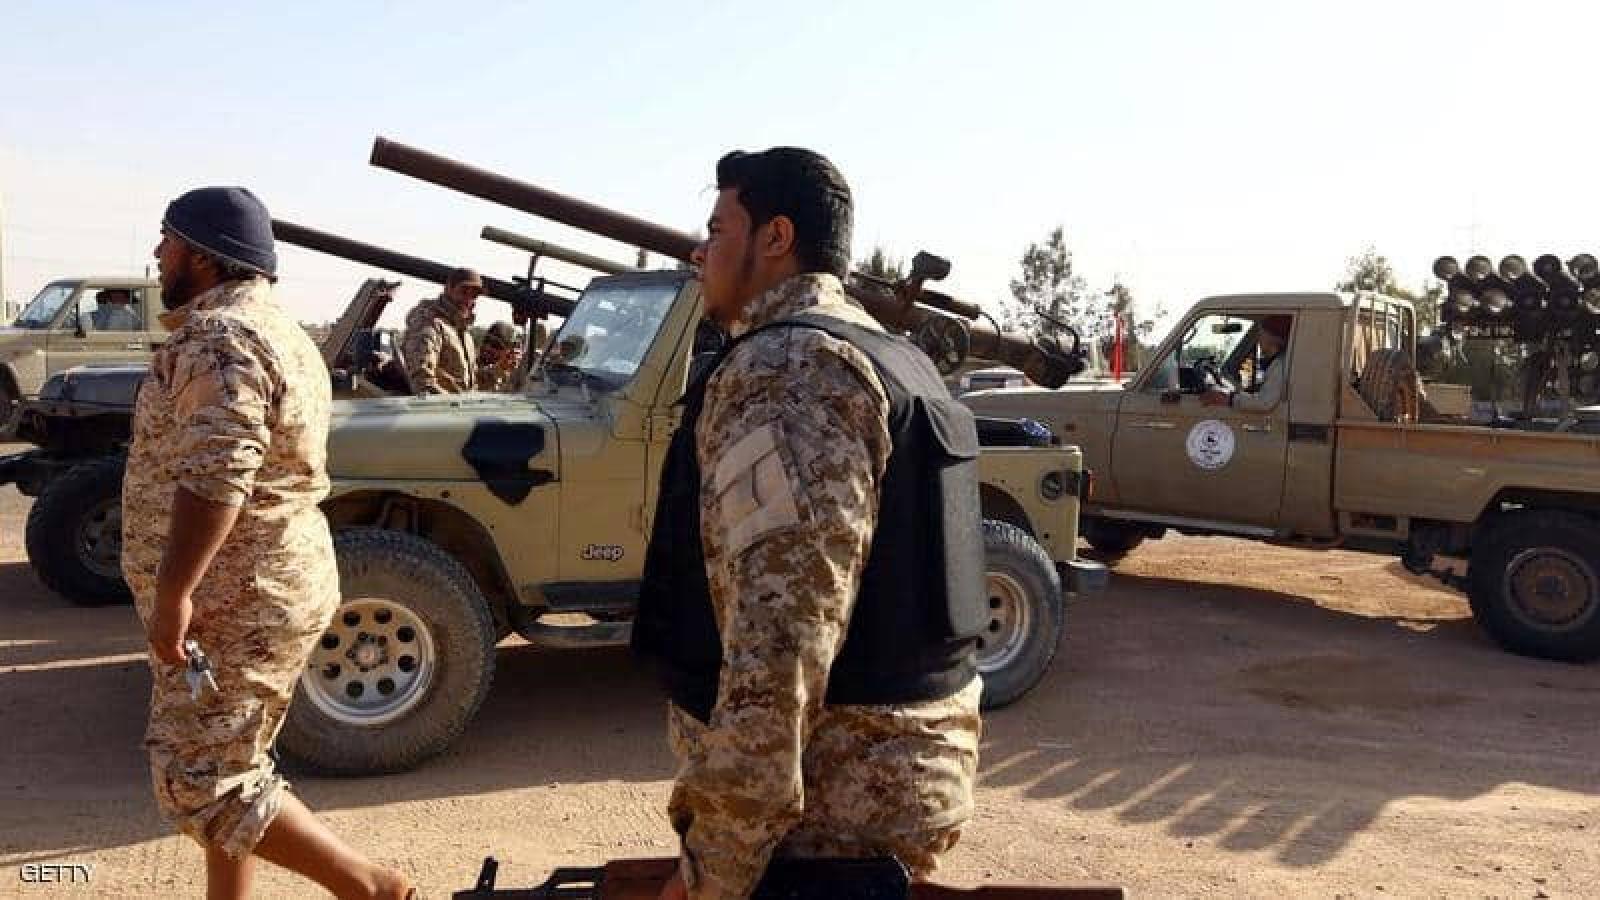 Đụng độ bằng vũ khí hạng nặng leo thangtạiTripoli, Libya